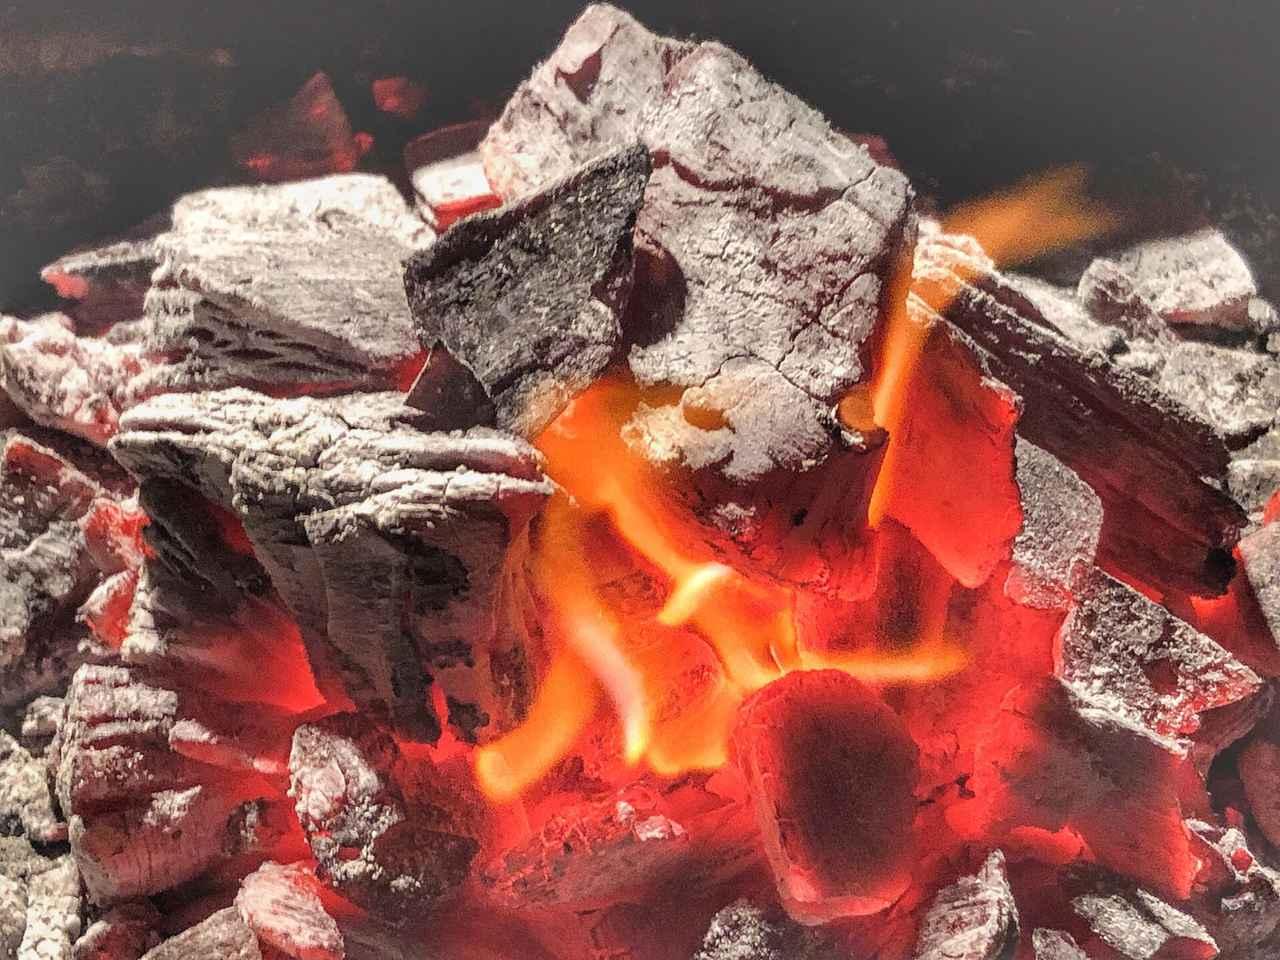 【炭の基礎知識】キャンプで使う木炭や豆炭を詳しく知ろう! 炭の種類や持ち運び・保管方法も紹介